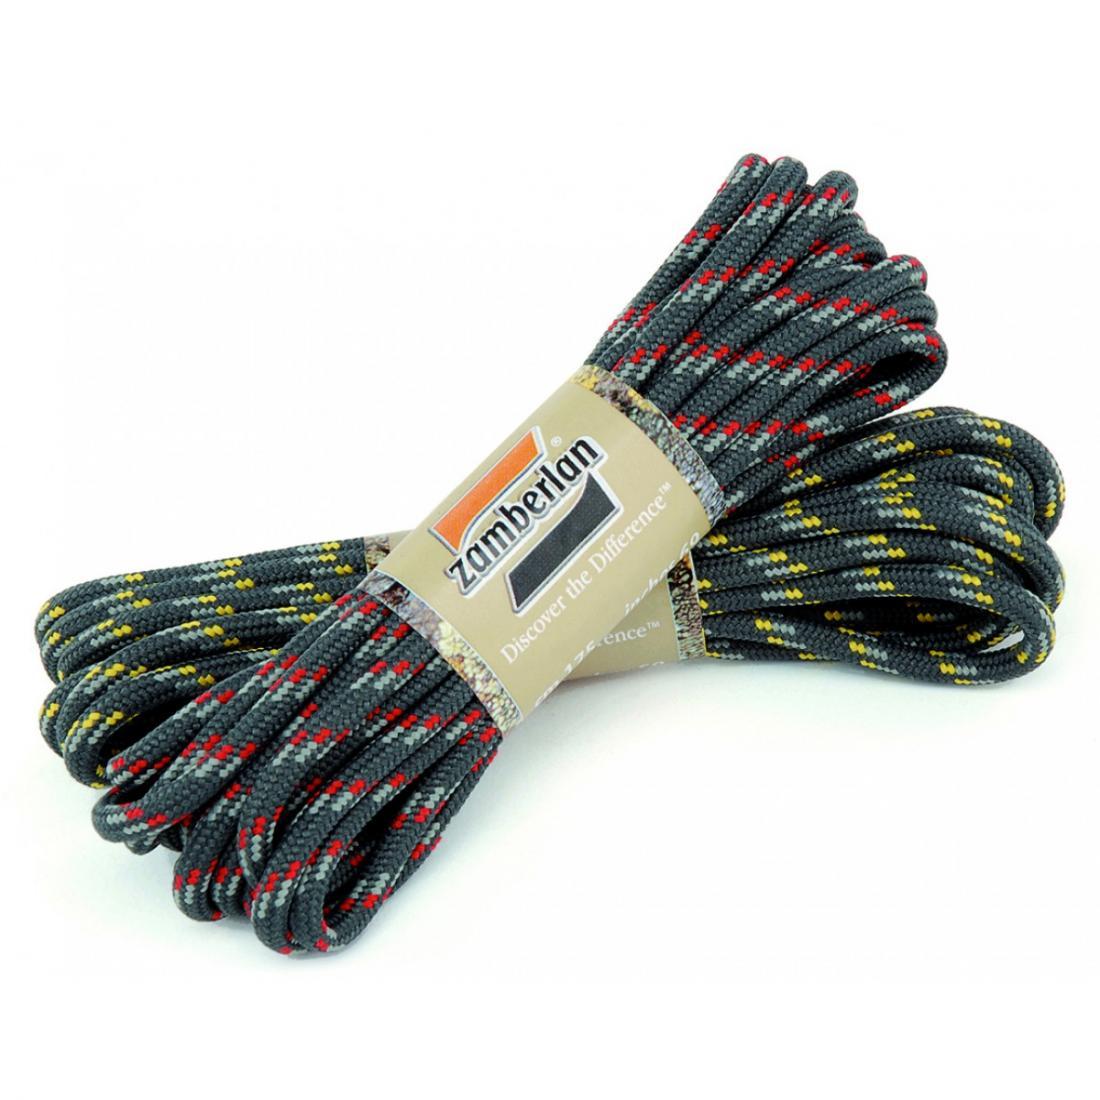 Шнурки круглые CMS.Шнурки<br>Шнурки Zamberlan® производятся из особо прочной синтетической ткани и полиэстеровых нитей, сохраняющих свою молекулярную структуру при возд...<br><br>Цвет: Черный<br>Размер: 190